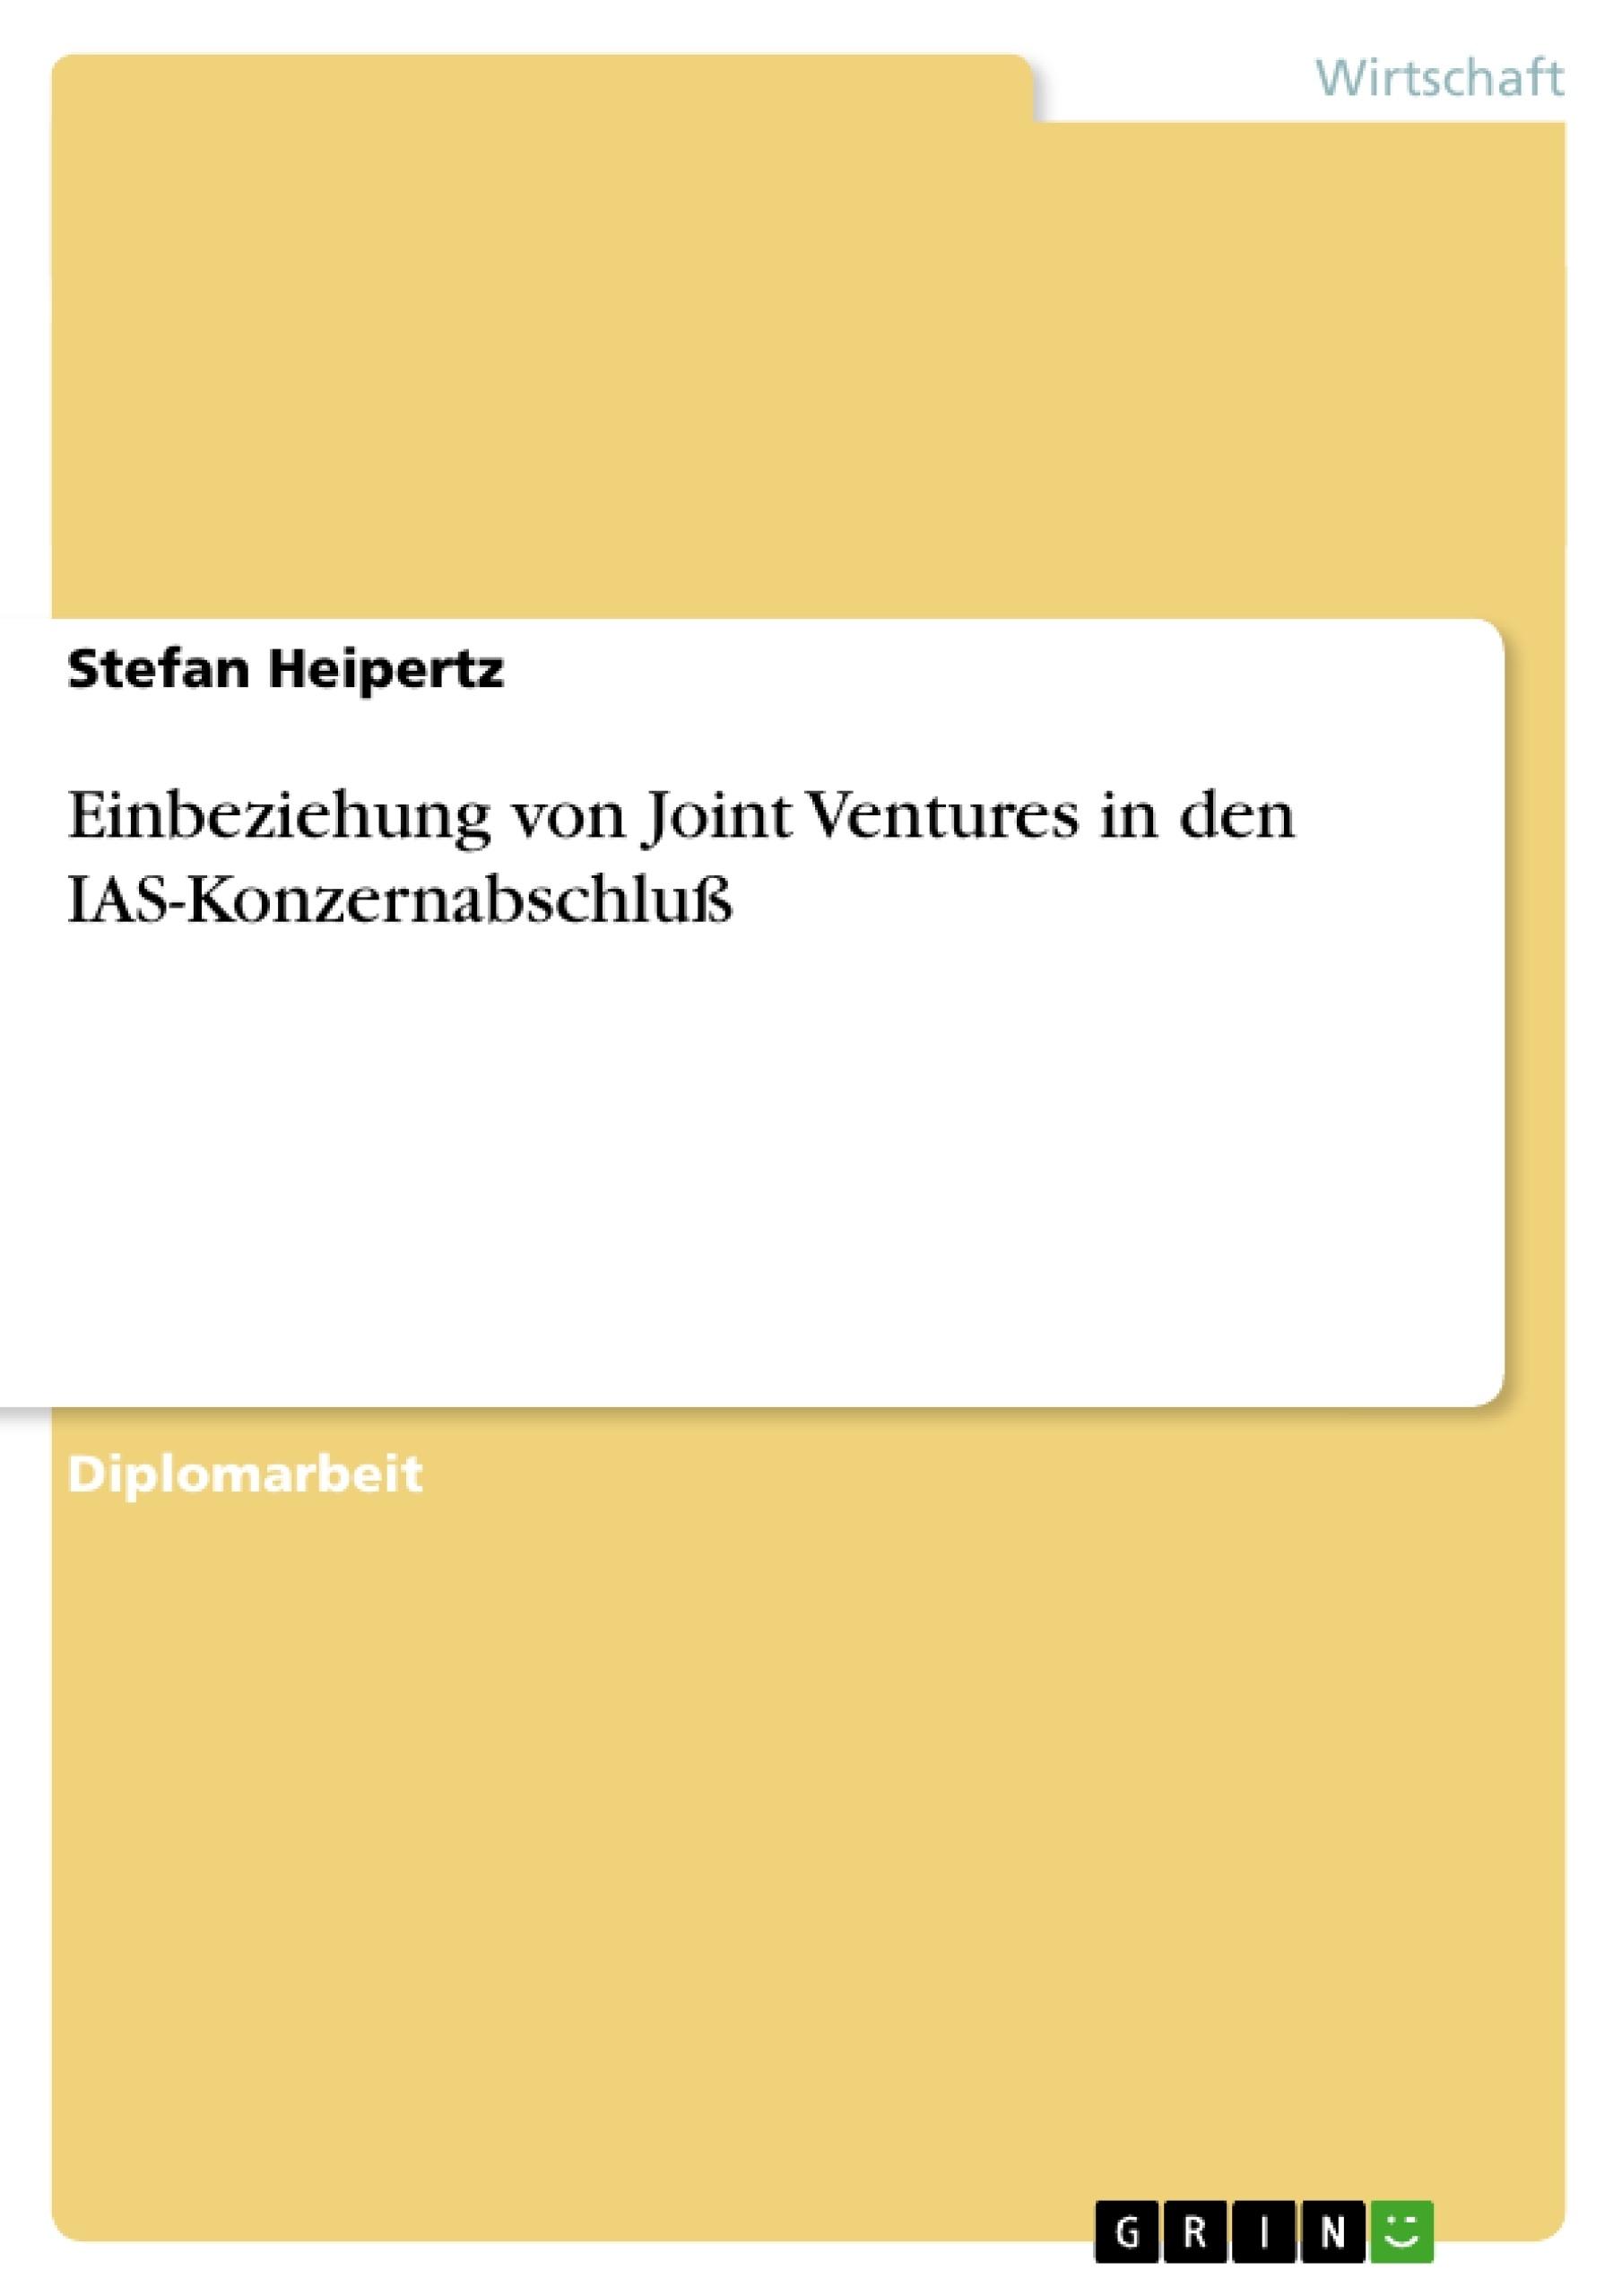 Titel: Einbeziehung von Joint Ventures in den IAS-Konzernabschluß